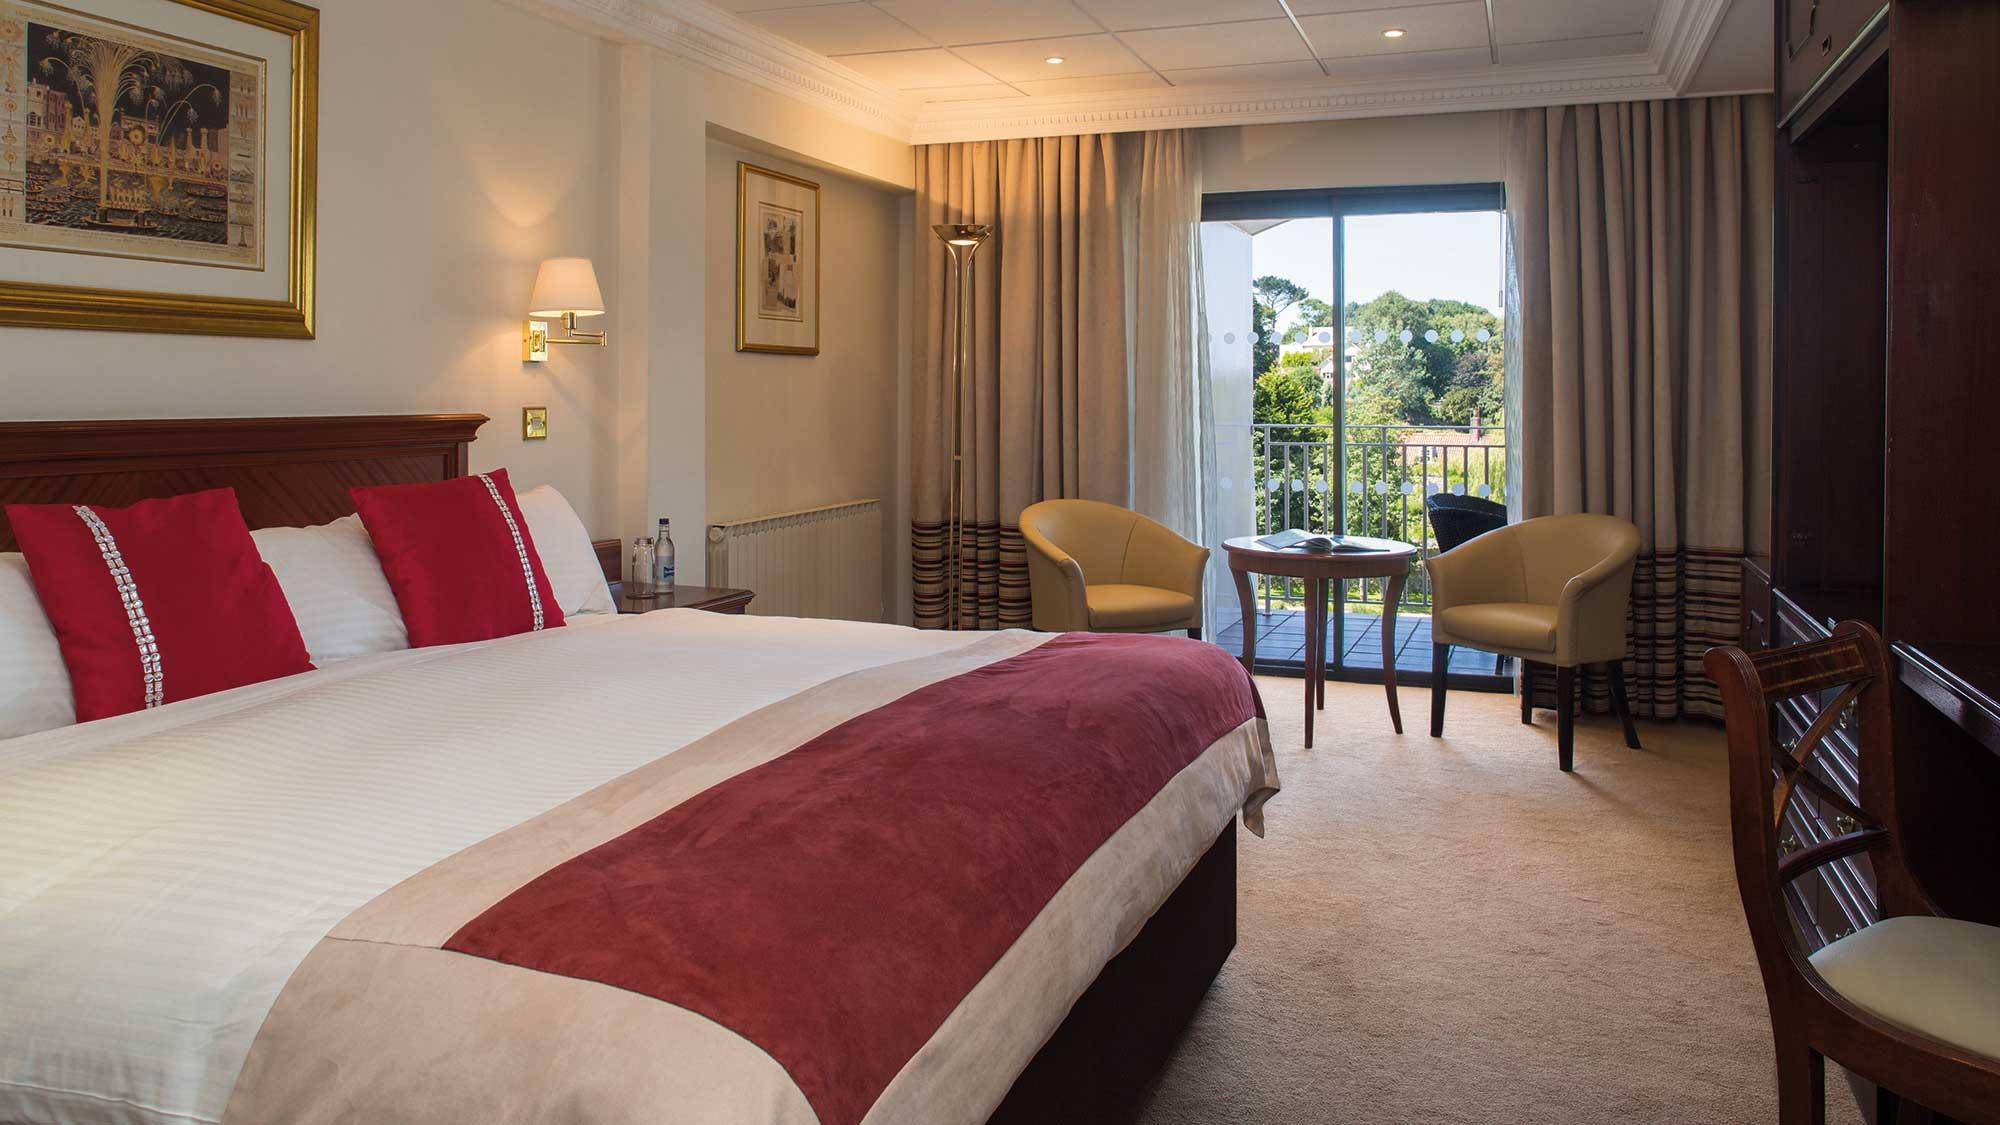 4  Hotel In Guernsey